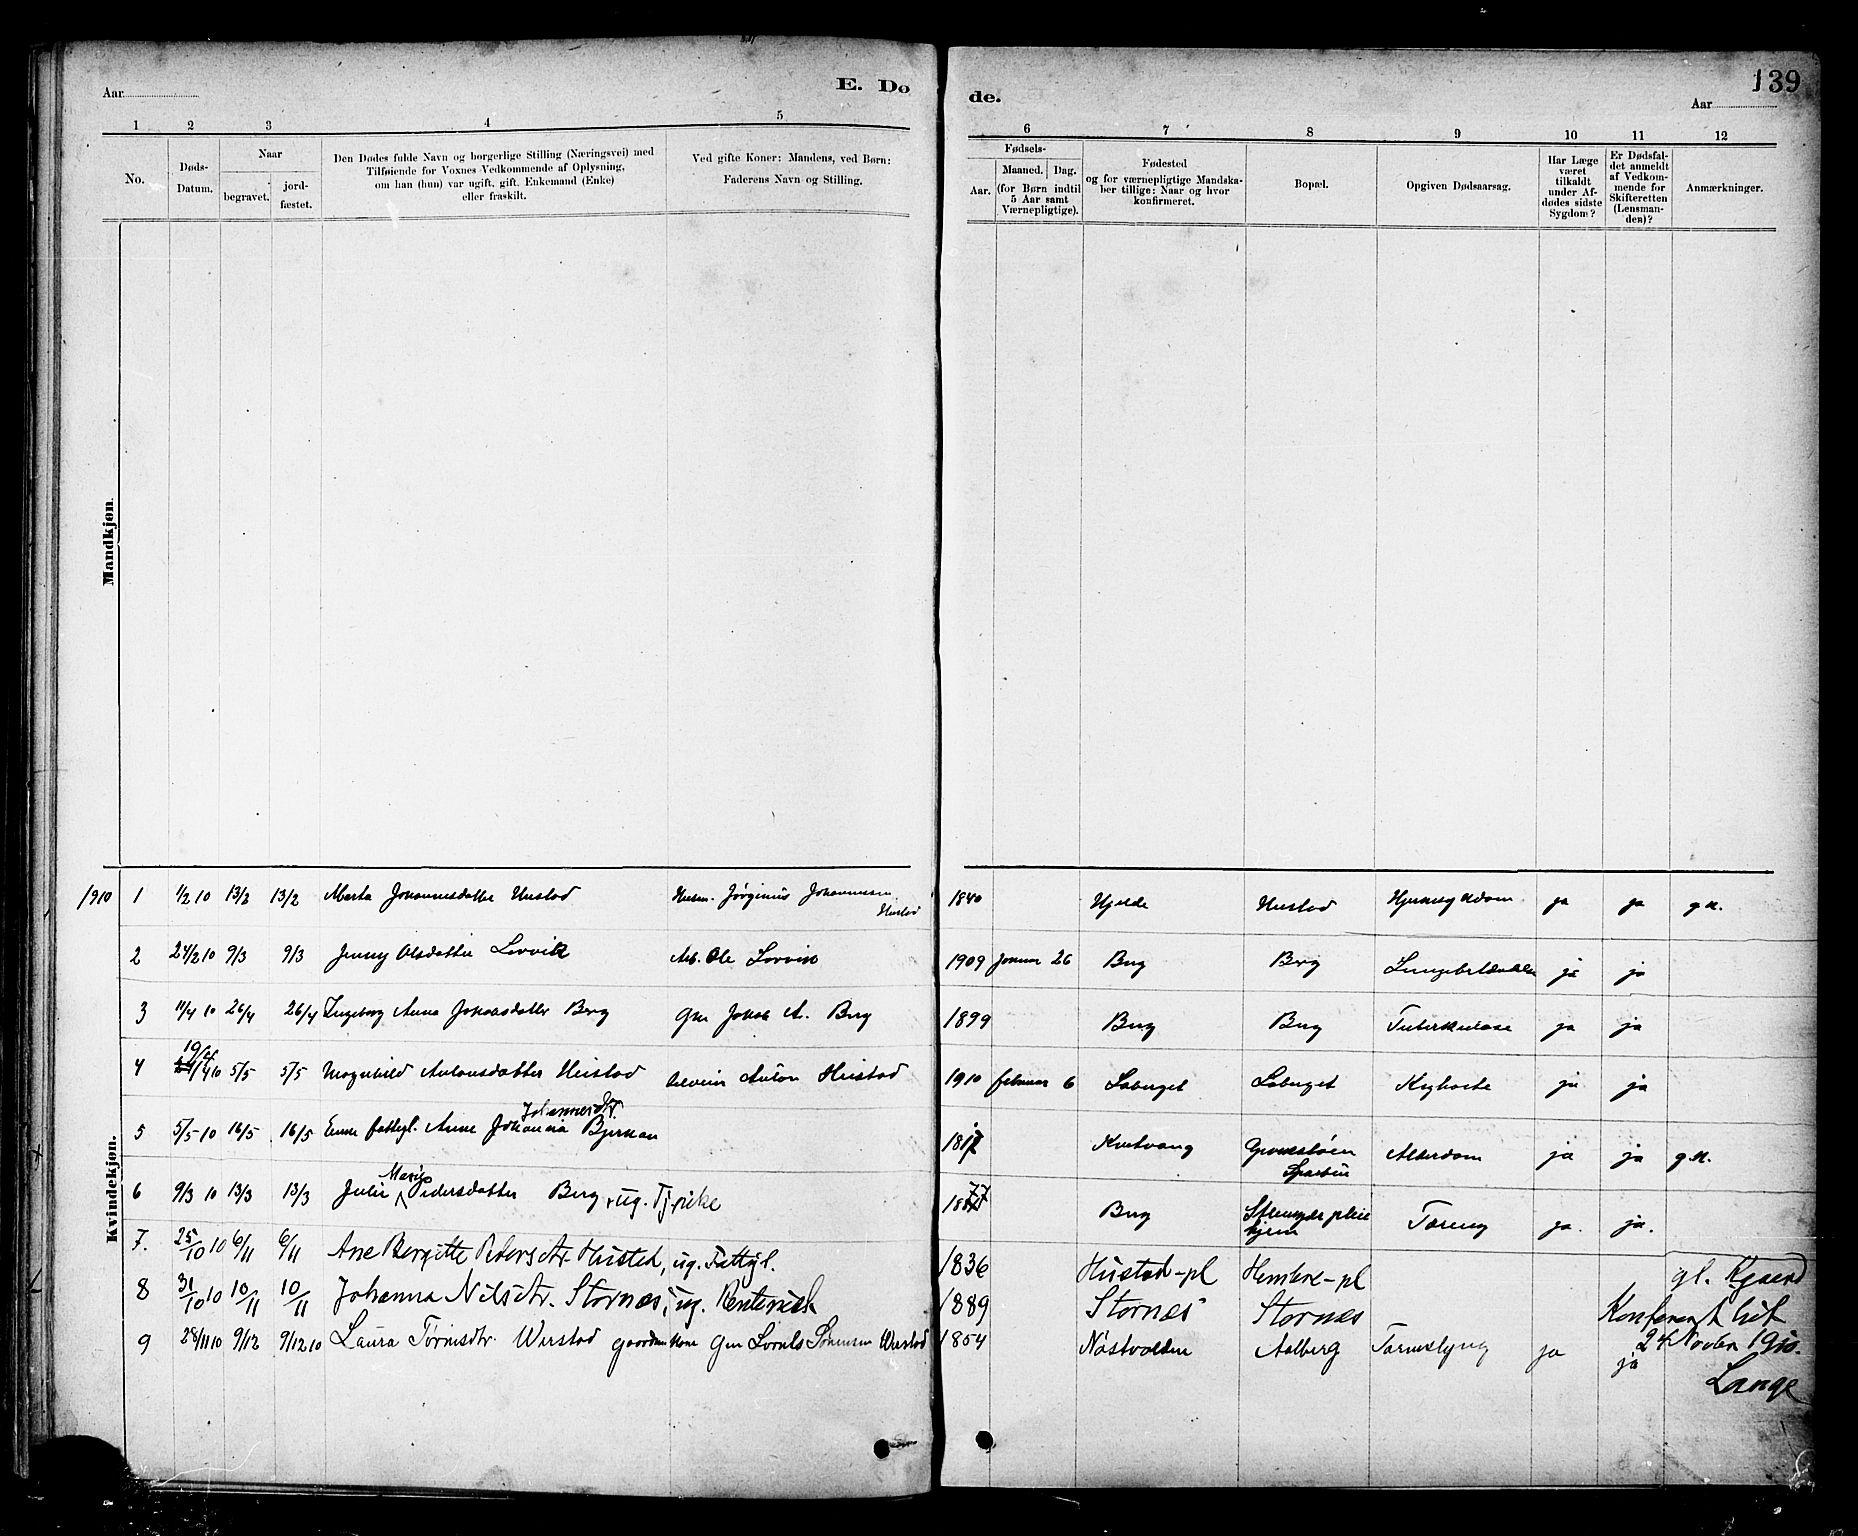 SAT, Ministerialprotokoller, klokkerbøker og fødselsregistre - Nord-Trøndelag, 732/L0318: Klokkerbok nr. 732C02, 1881-1911, s. 139